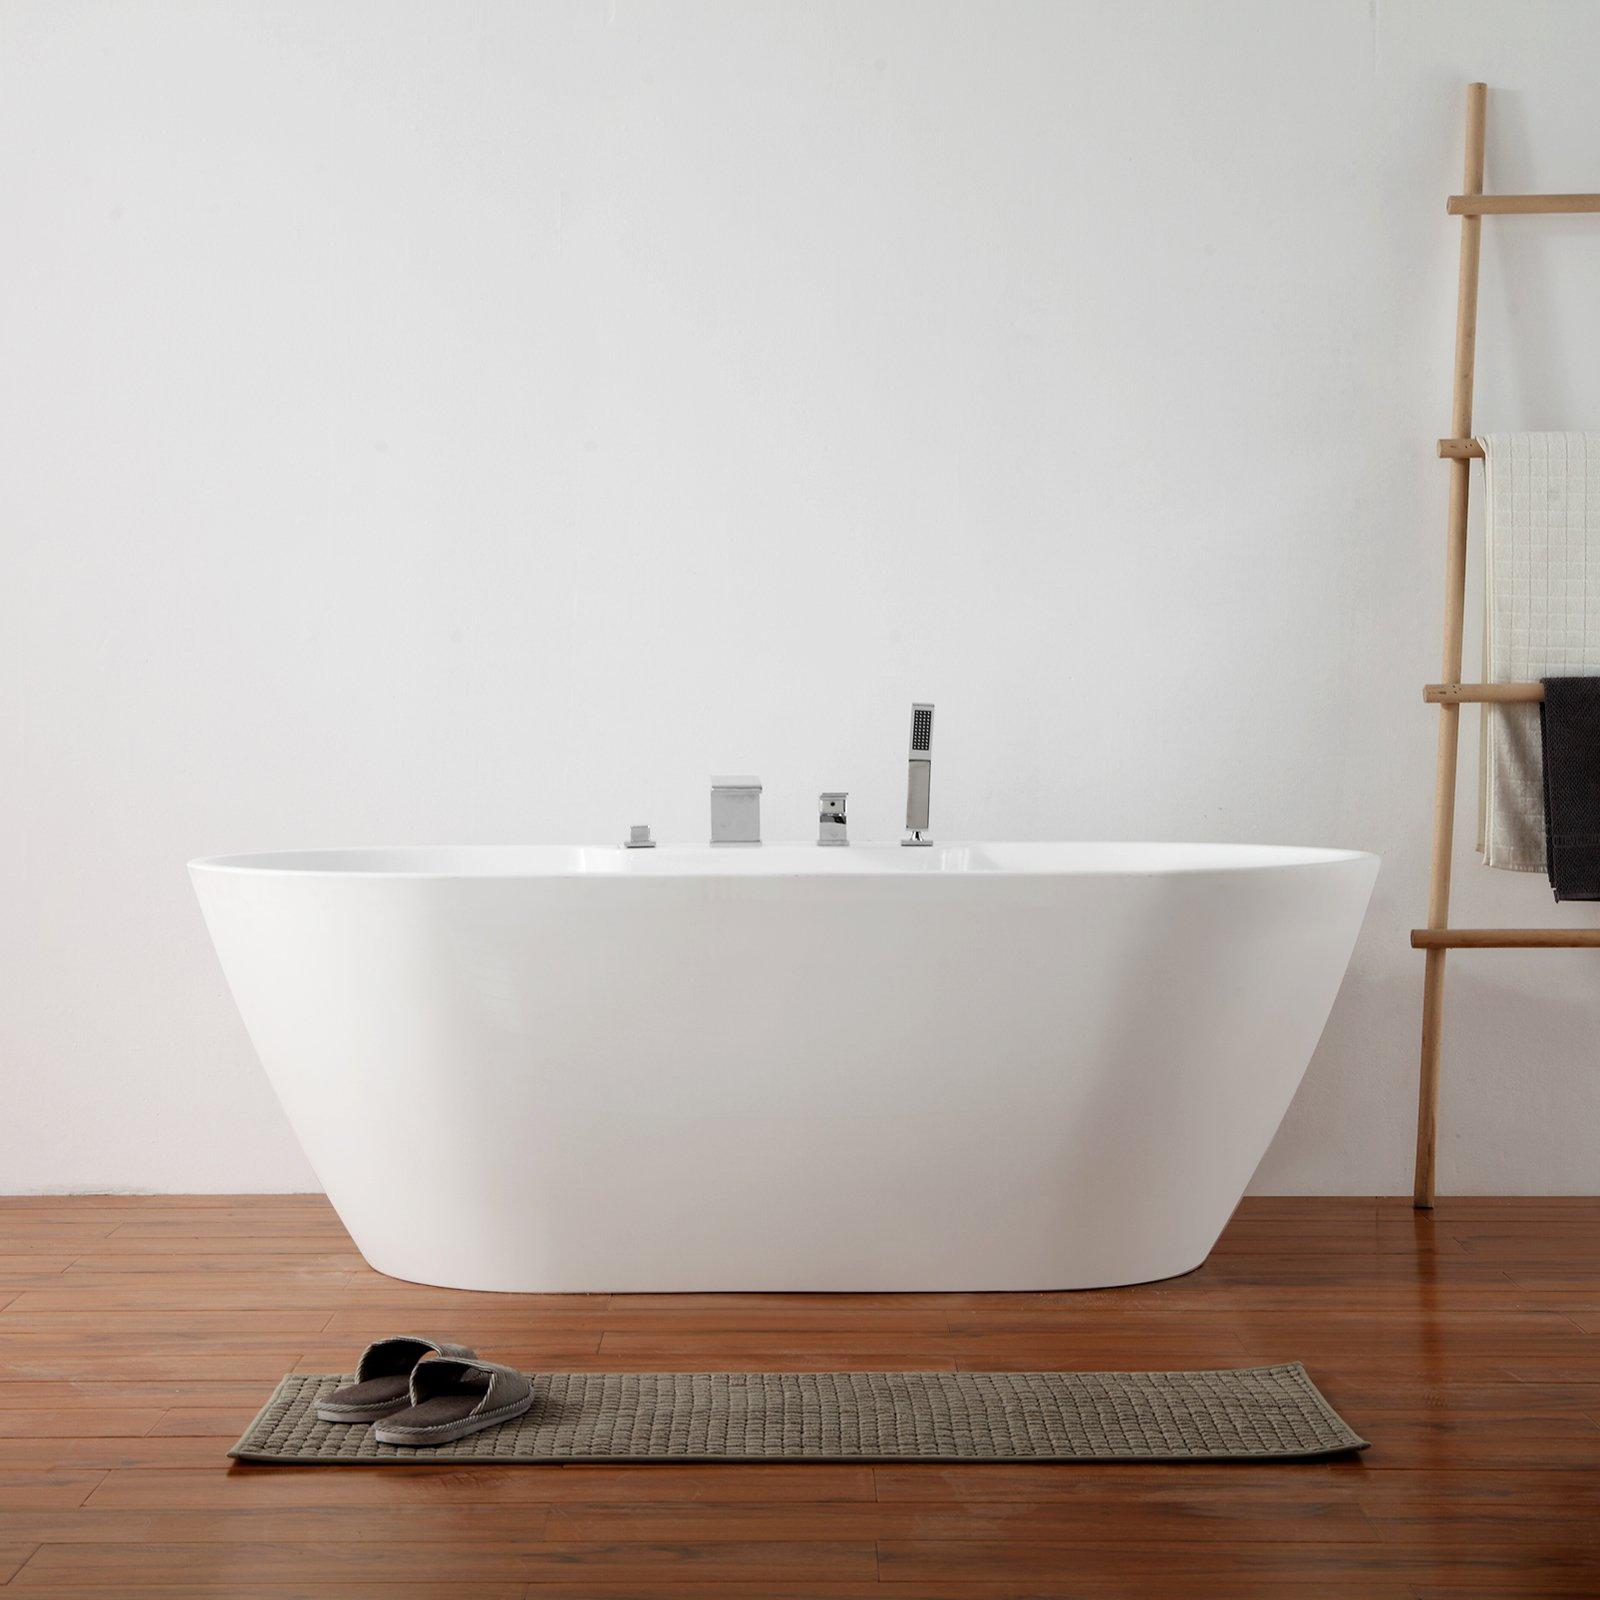 Freistehende Badewanne JAZZ PLUS Acryl weiß glänzend - 170 x 80 cm - Zubehör optional zoom thumbnail 4